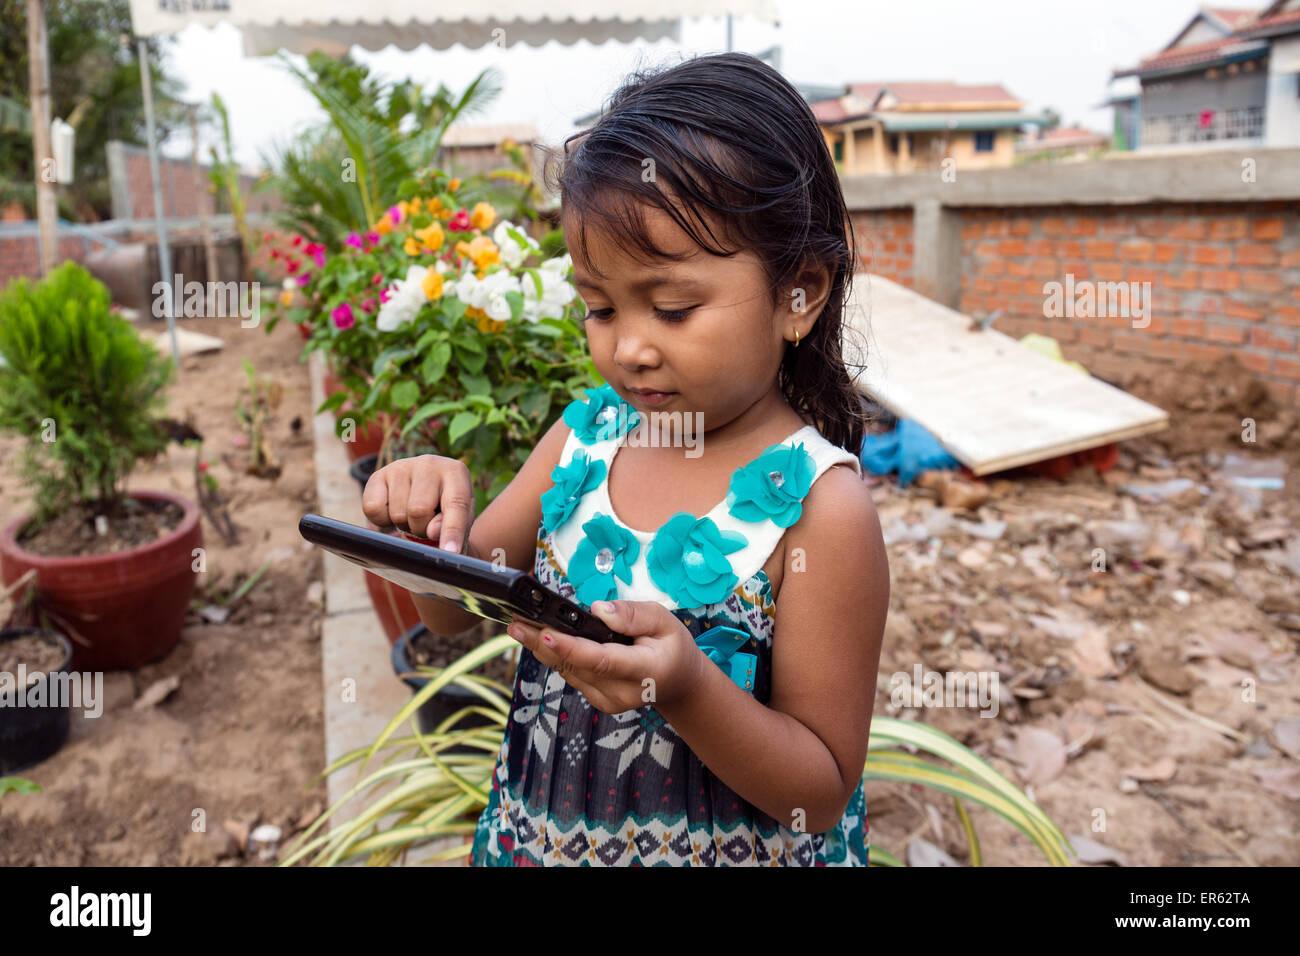 Petite fille jouant avec un ordinateur tablette, Phnom Penh, Cambodge Photo Stock